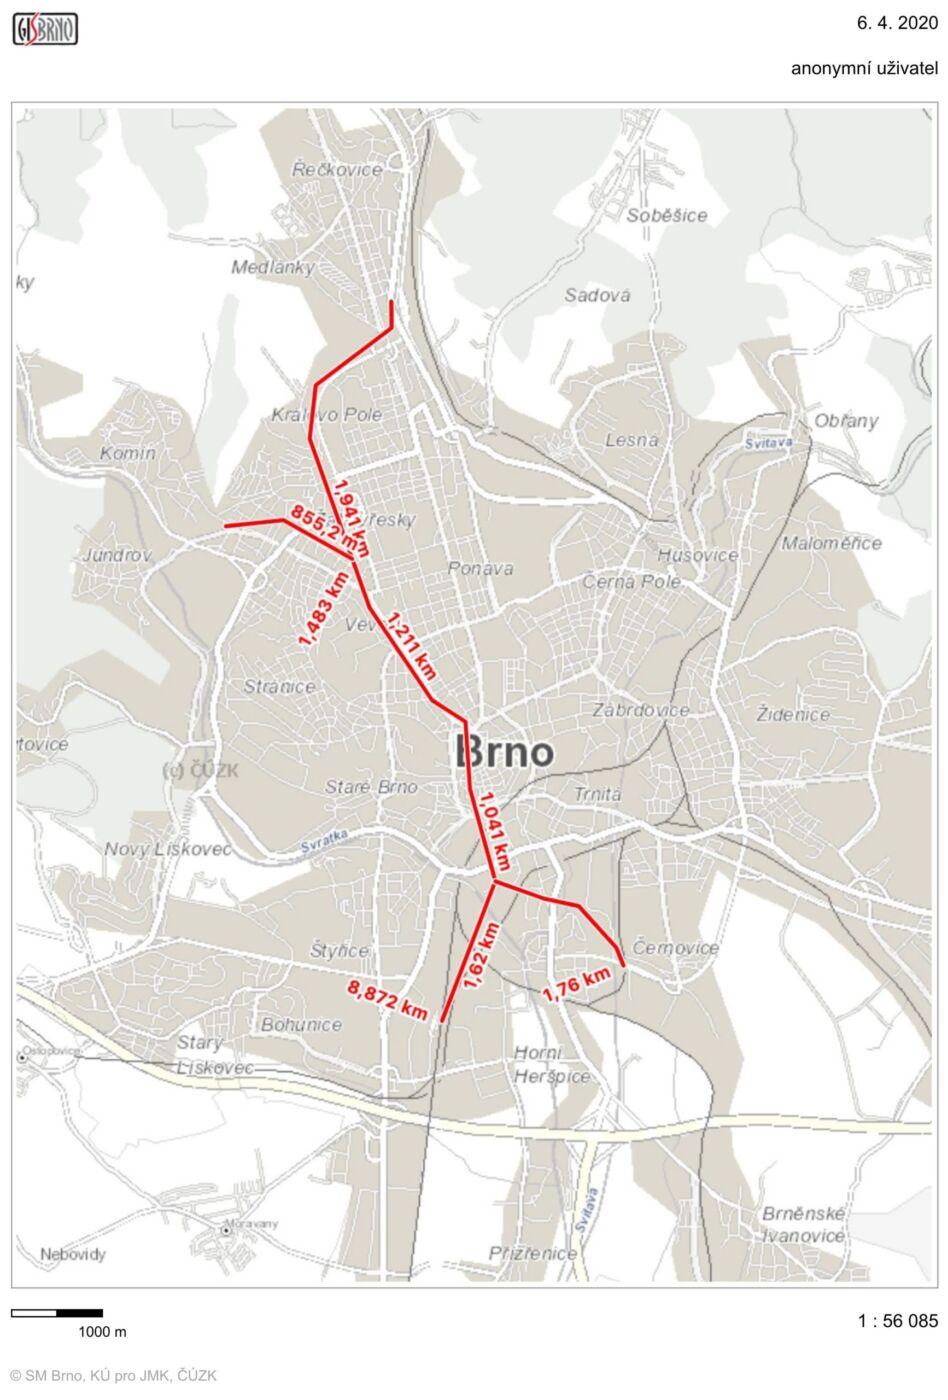 Návrh vedení podpovrchové kolejové dopravy dle územního plánu. Jaro 2020